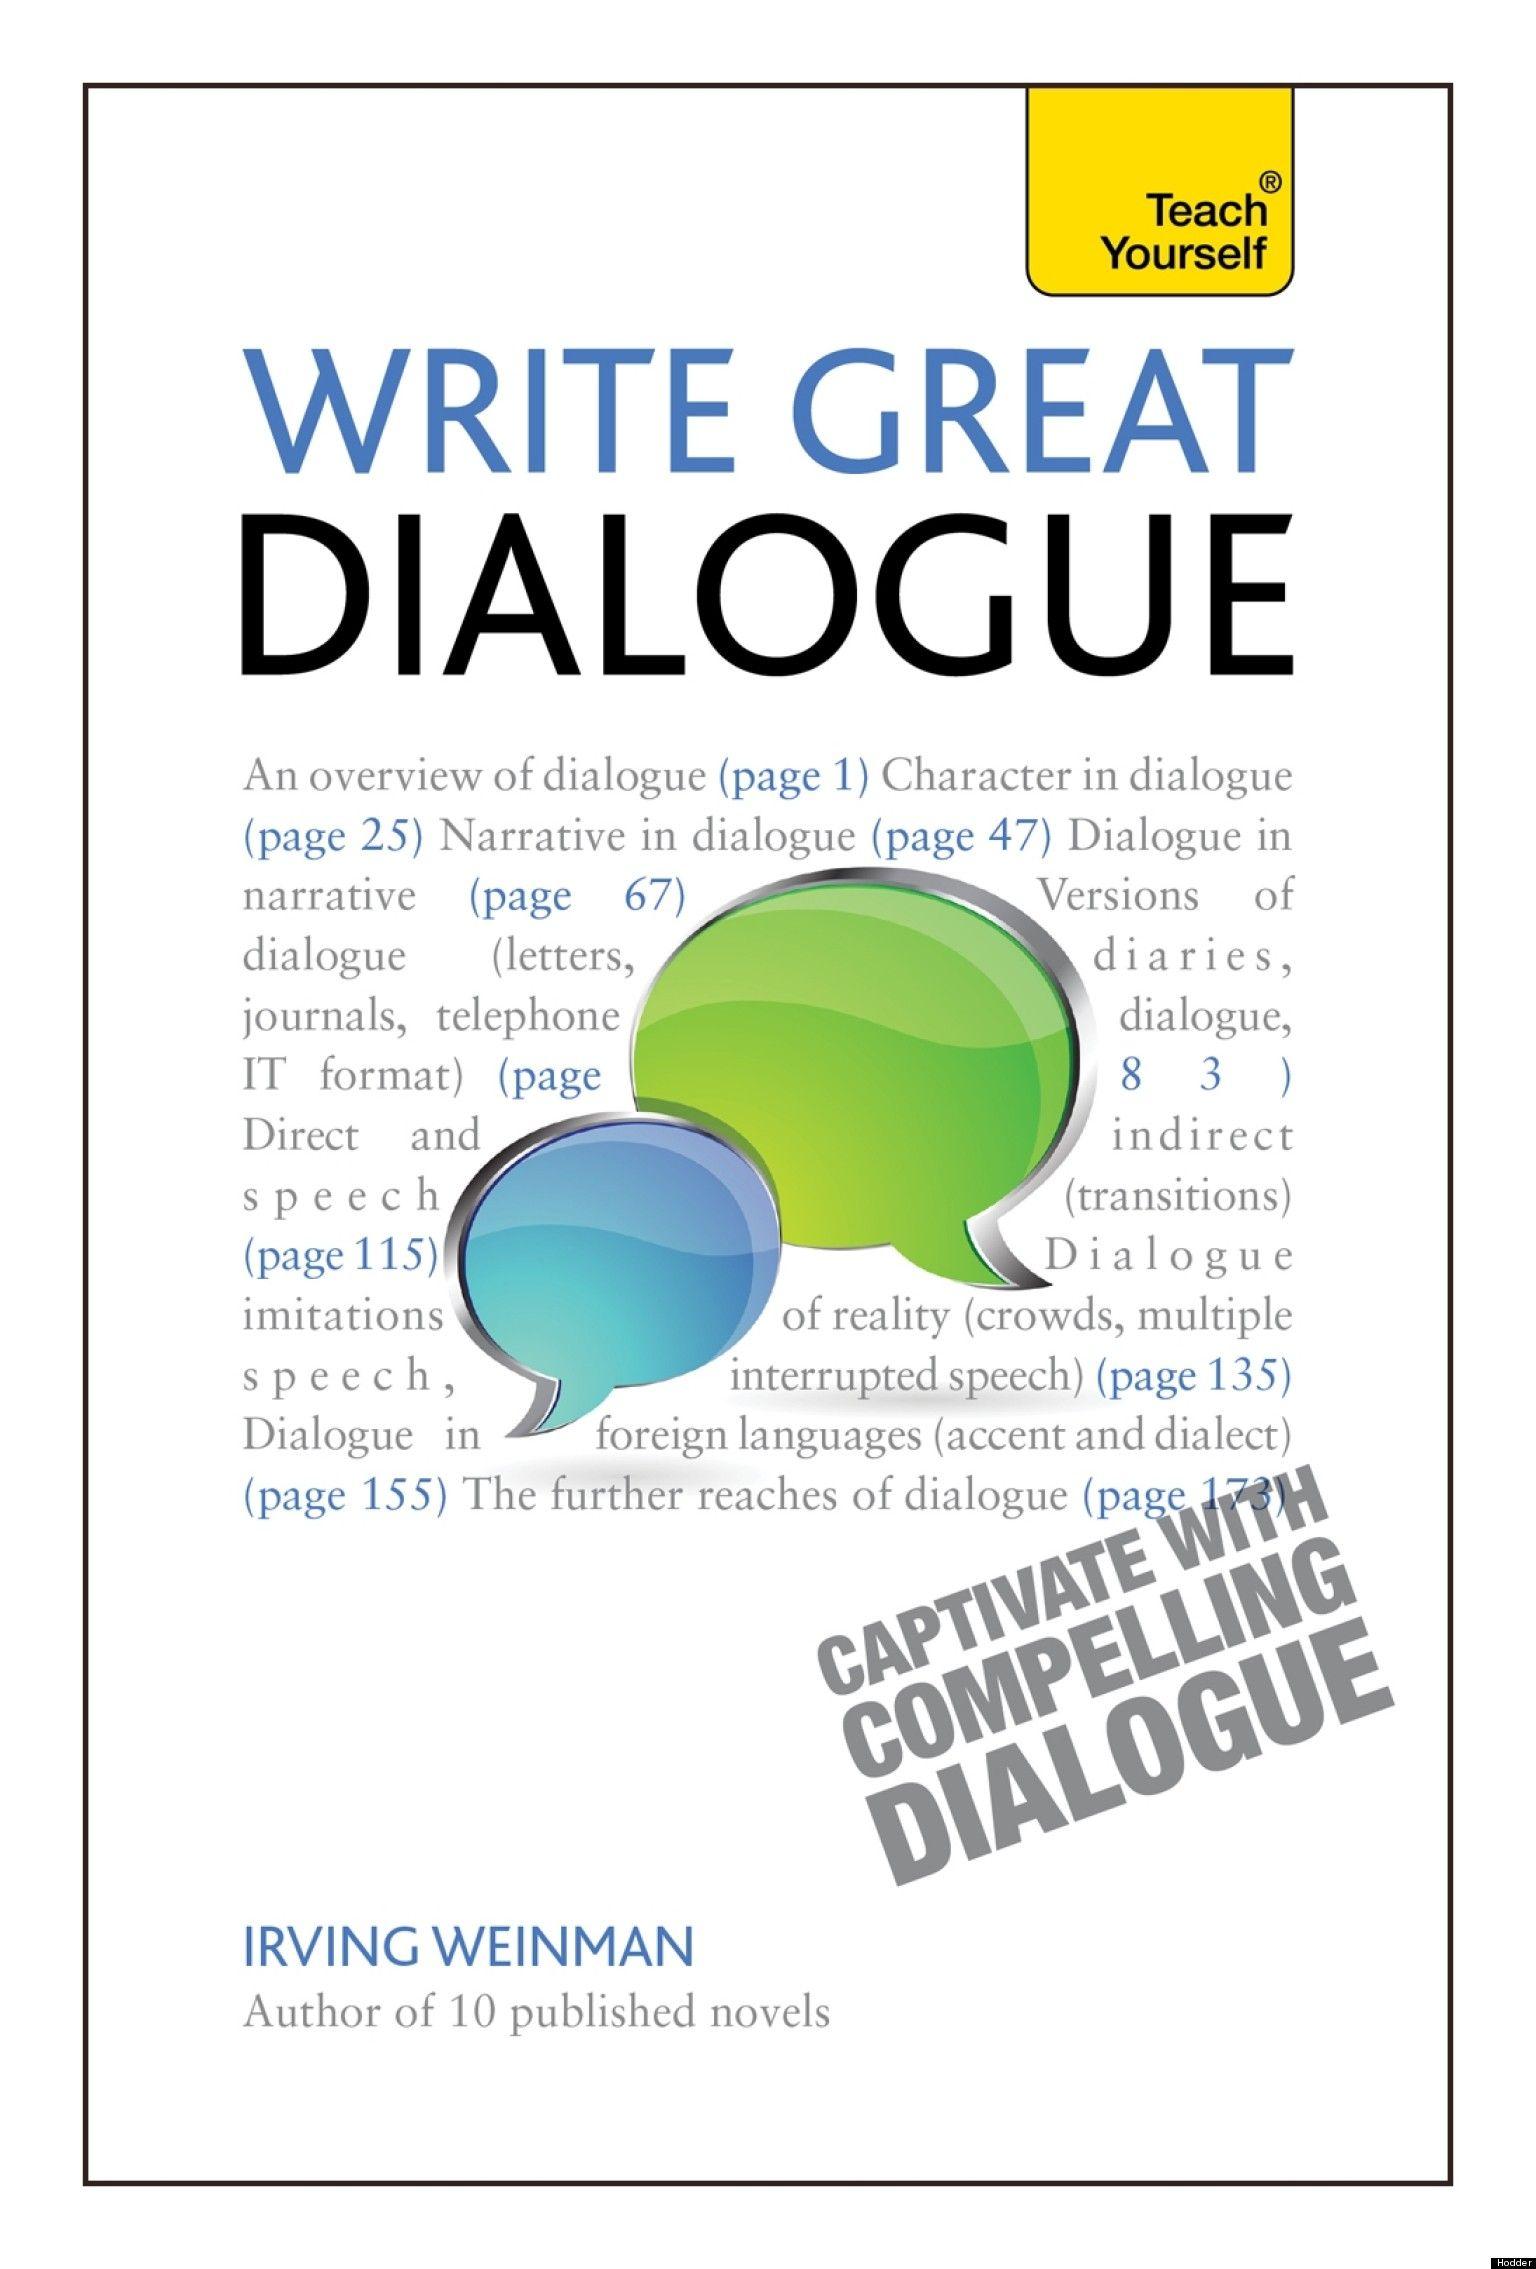 Creative Writing Dialogue